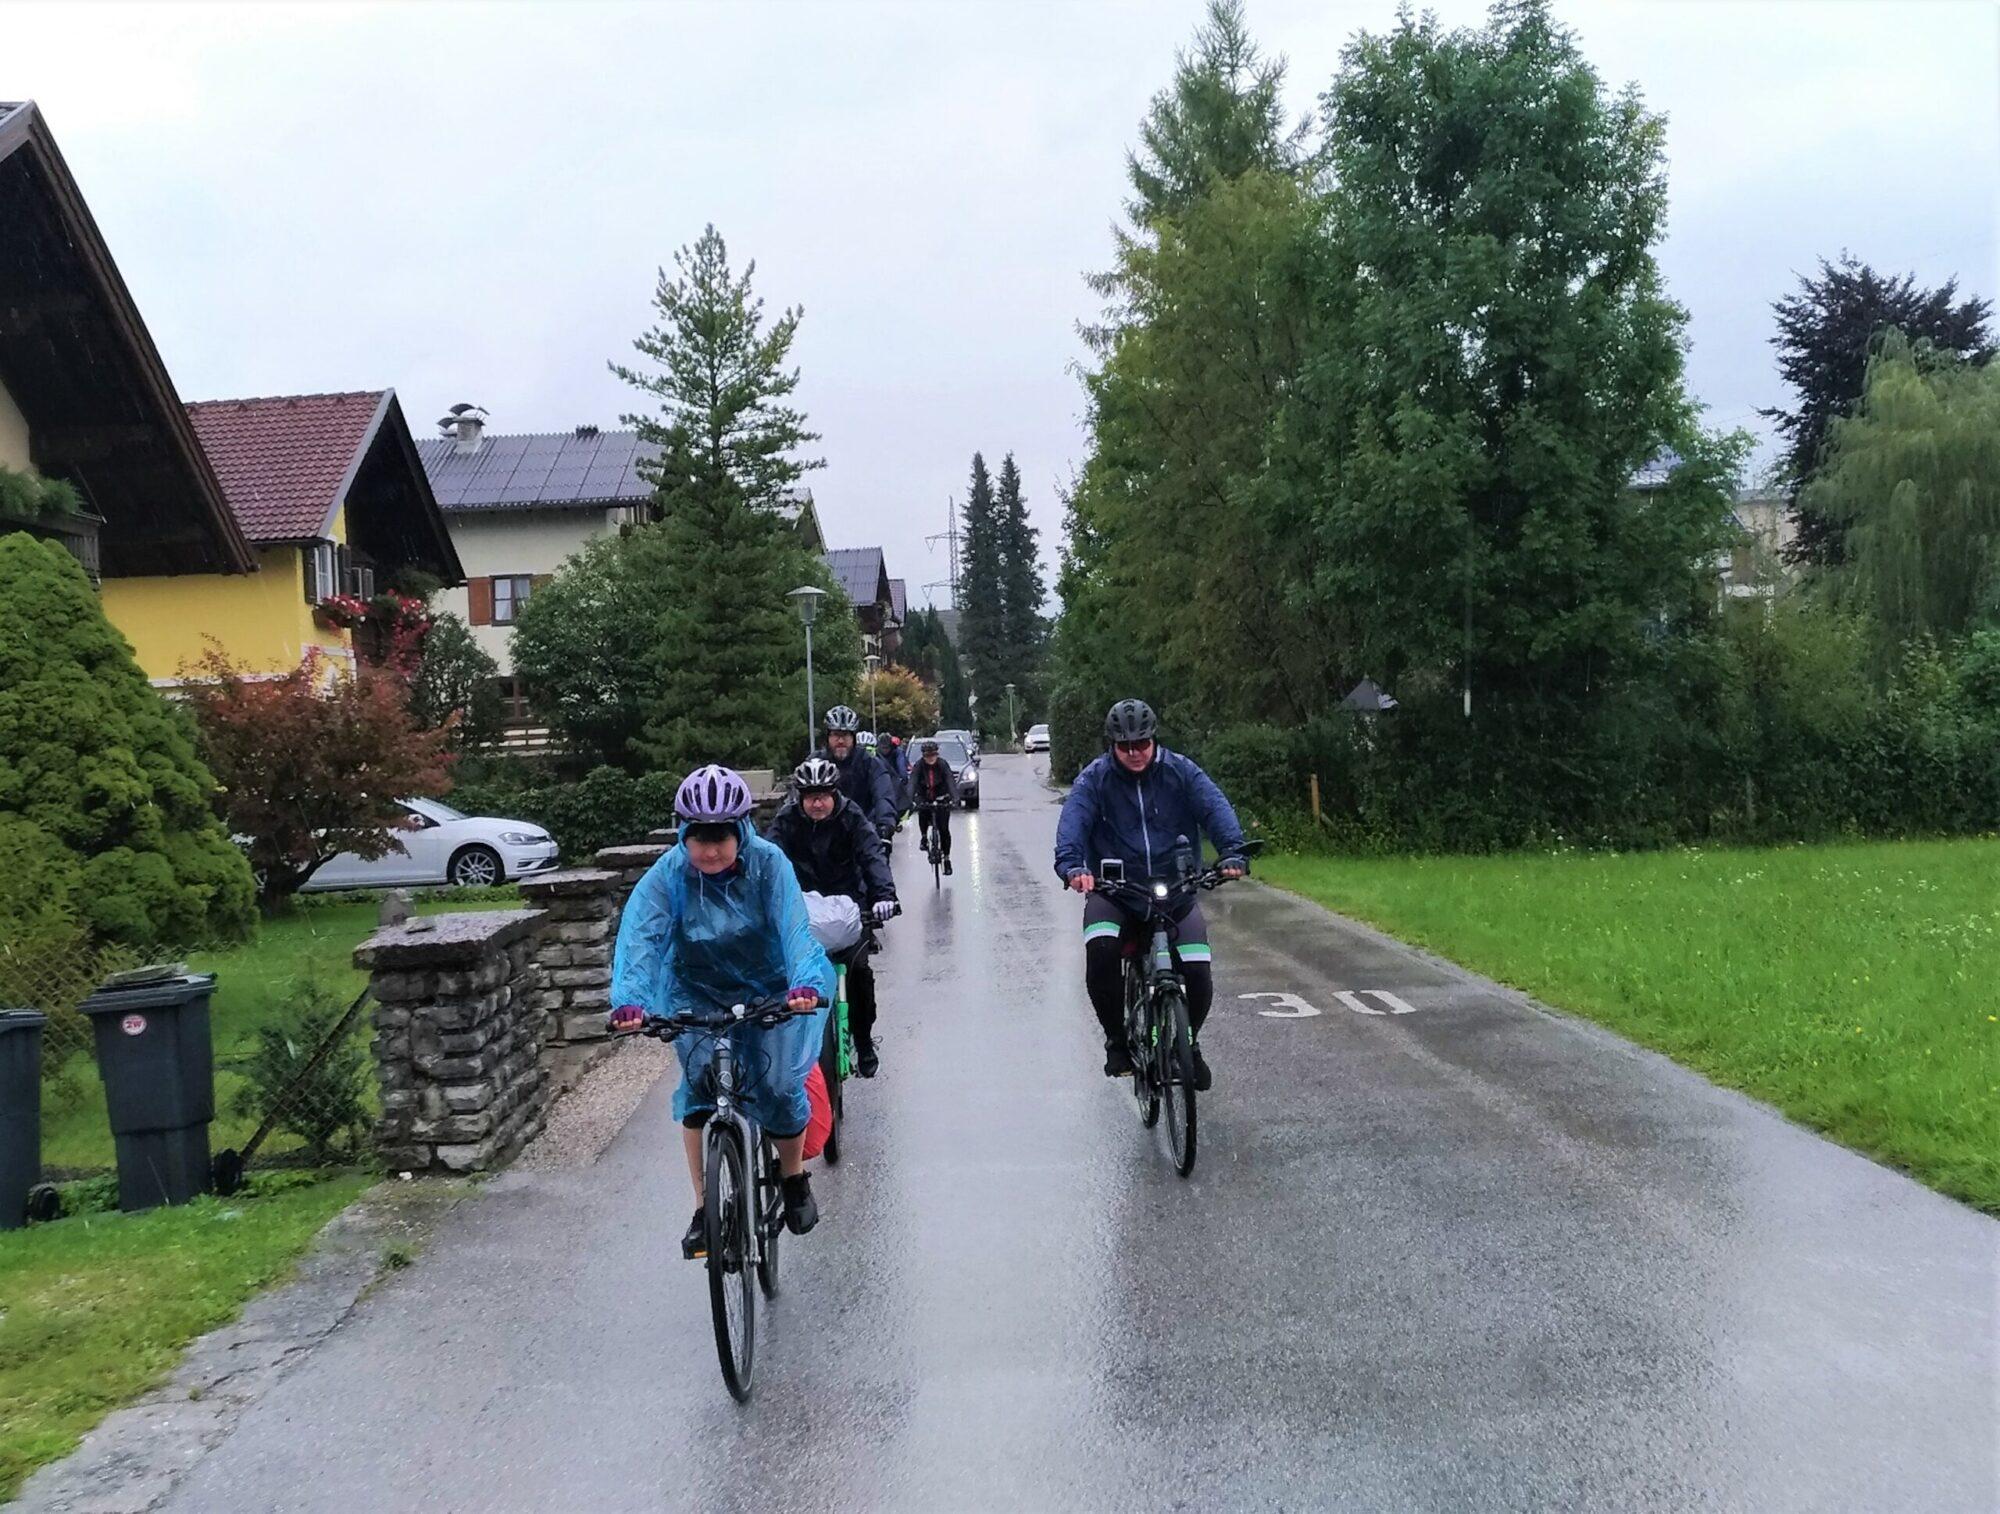 Rowerzyści w deszczu